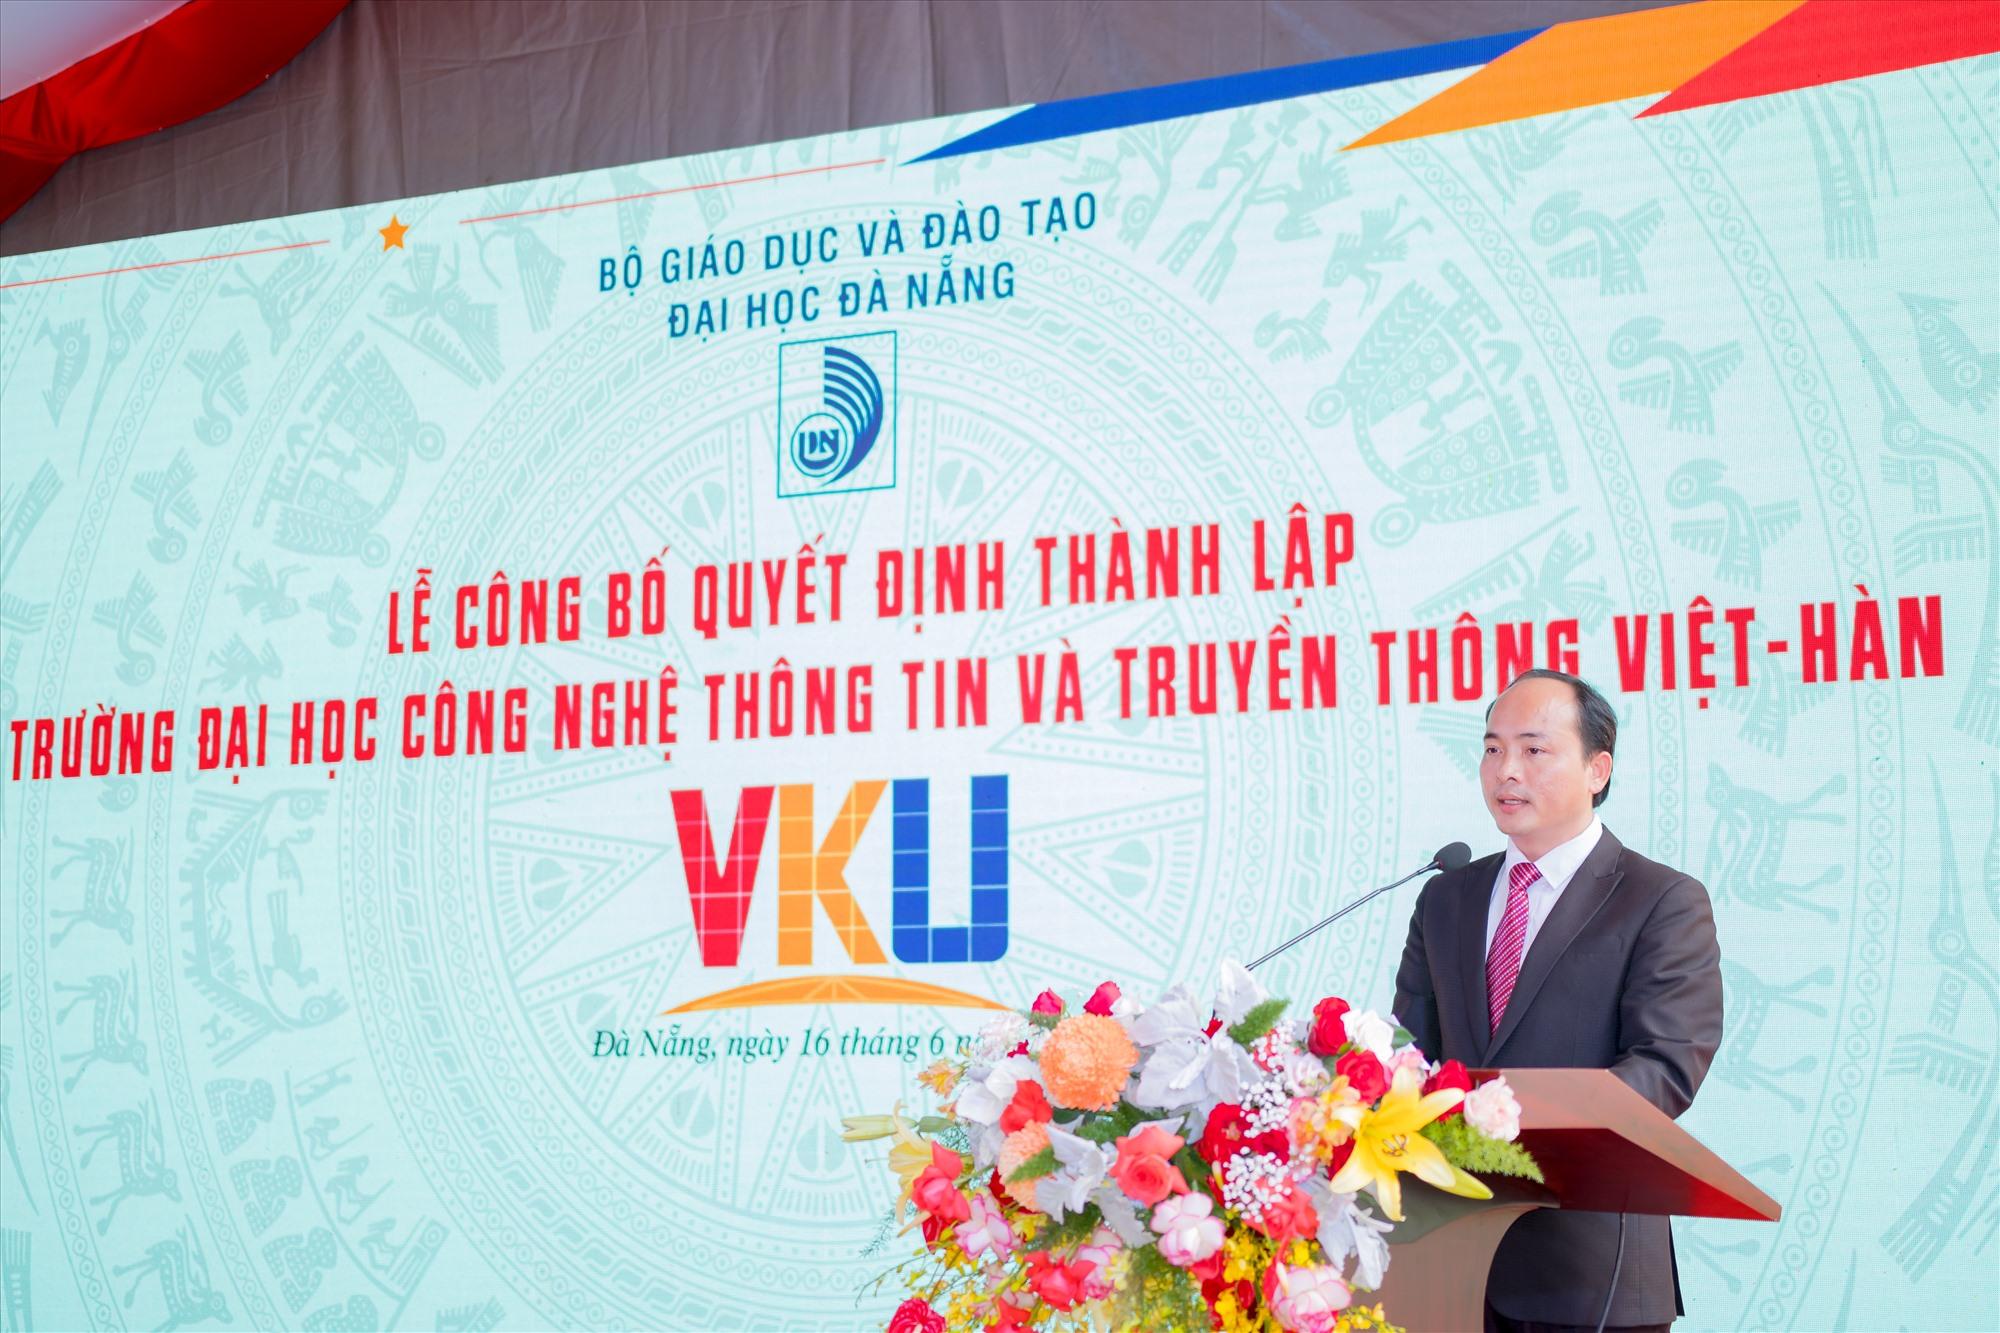 PGS.TS. Huỳnh Công Pháp-Hiệu trưởng VKU.